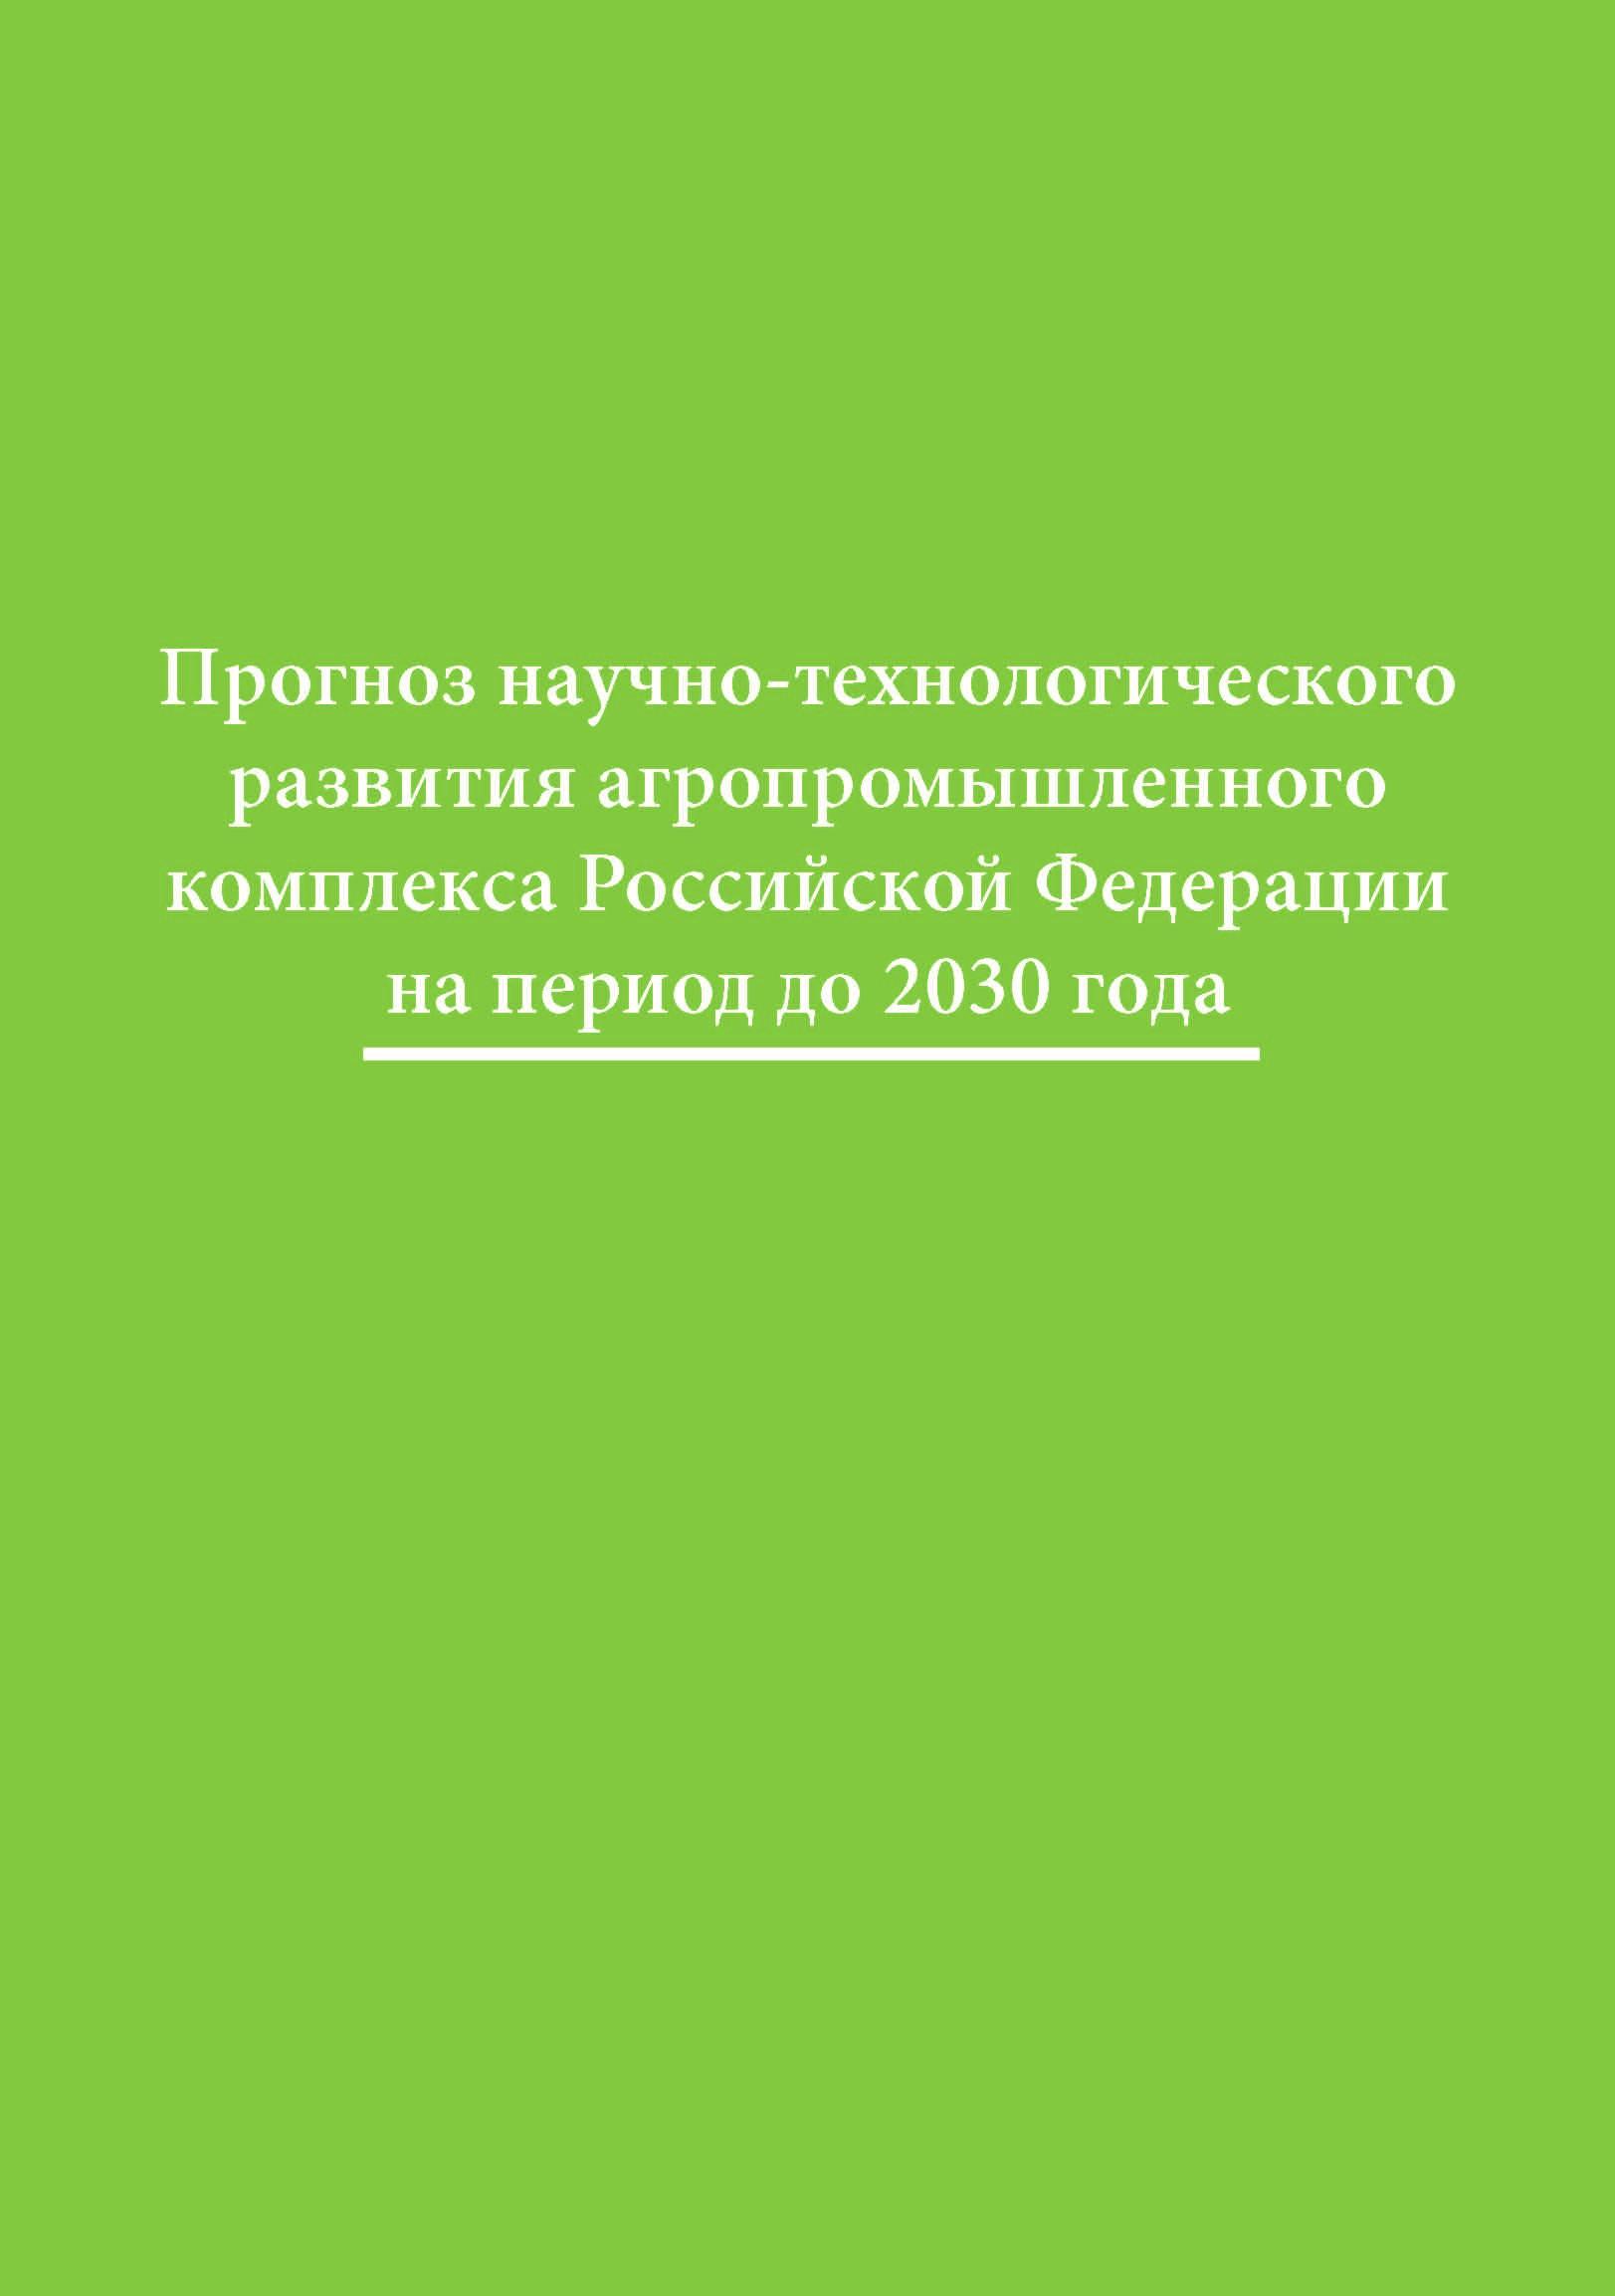 Прогноз научно-технологического развития агропромышленного комплекса Российской Федерации на период до 2030 года